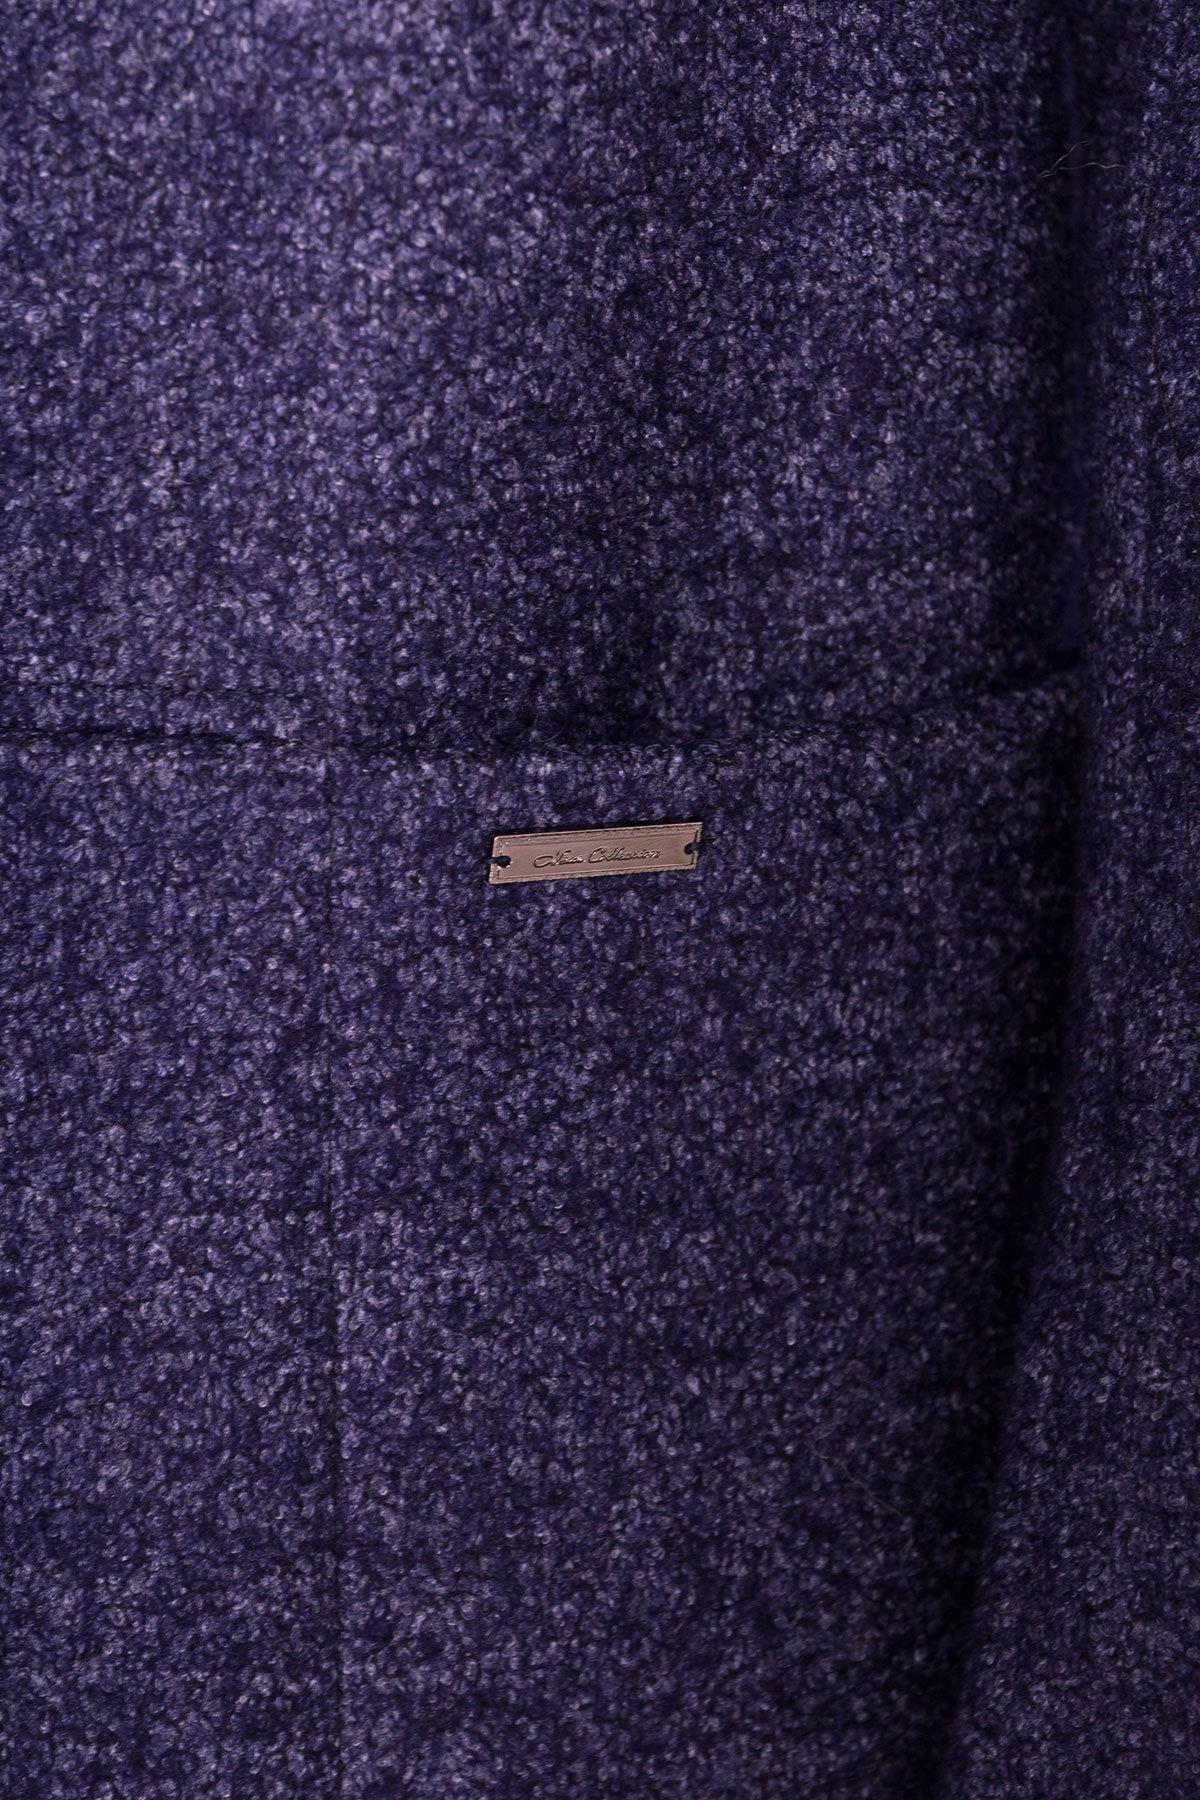 Пальто Дакс 1679 АРТ. 16669 Цвет: Темно-синий - фото 5, интернет магазин tm-modus.ru